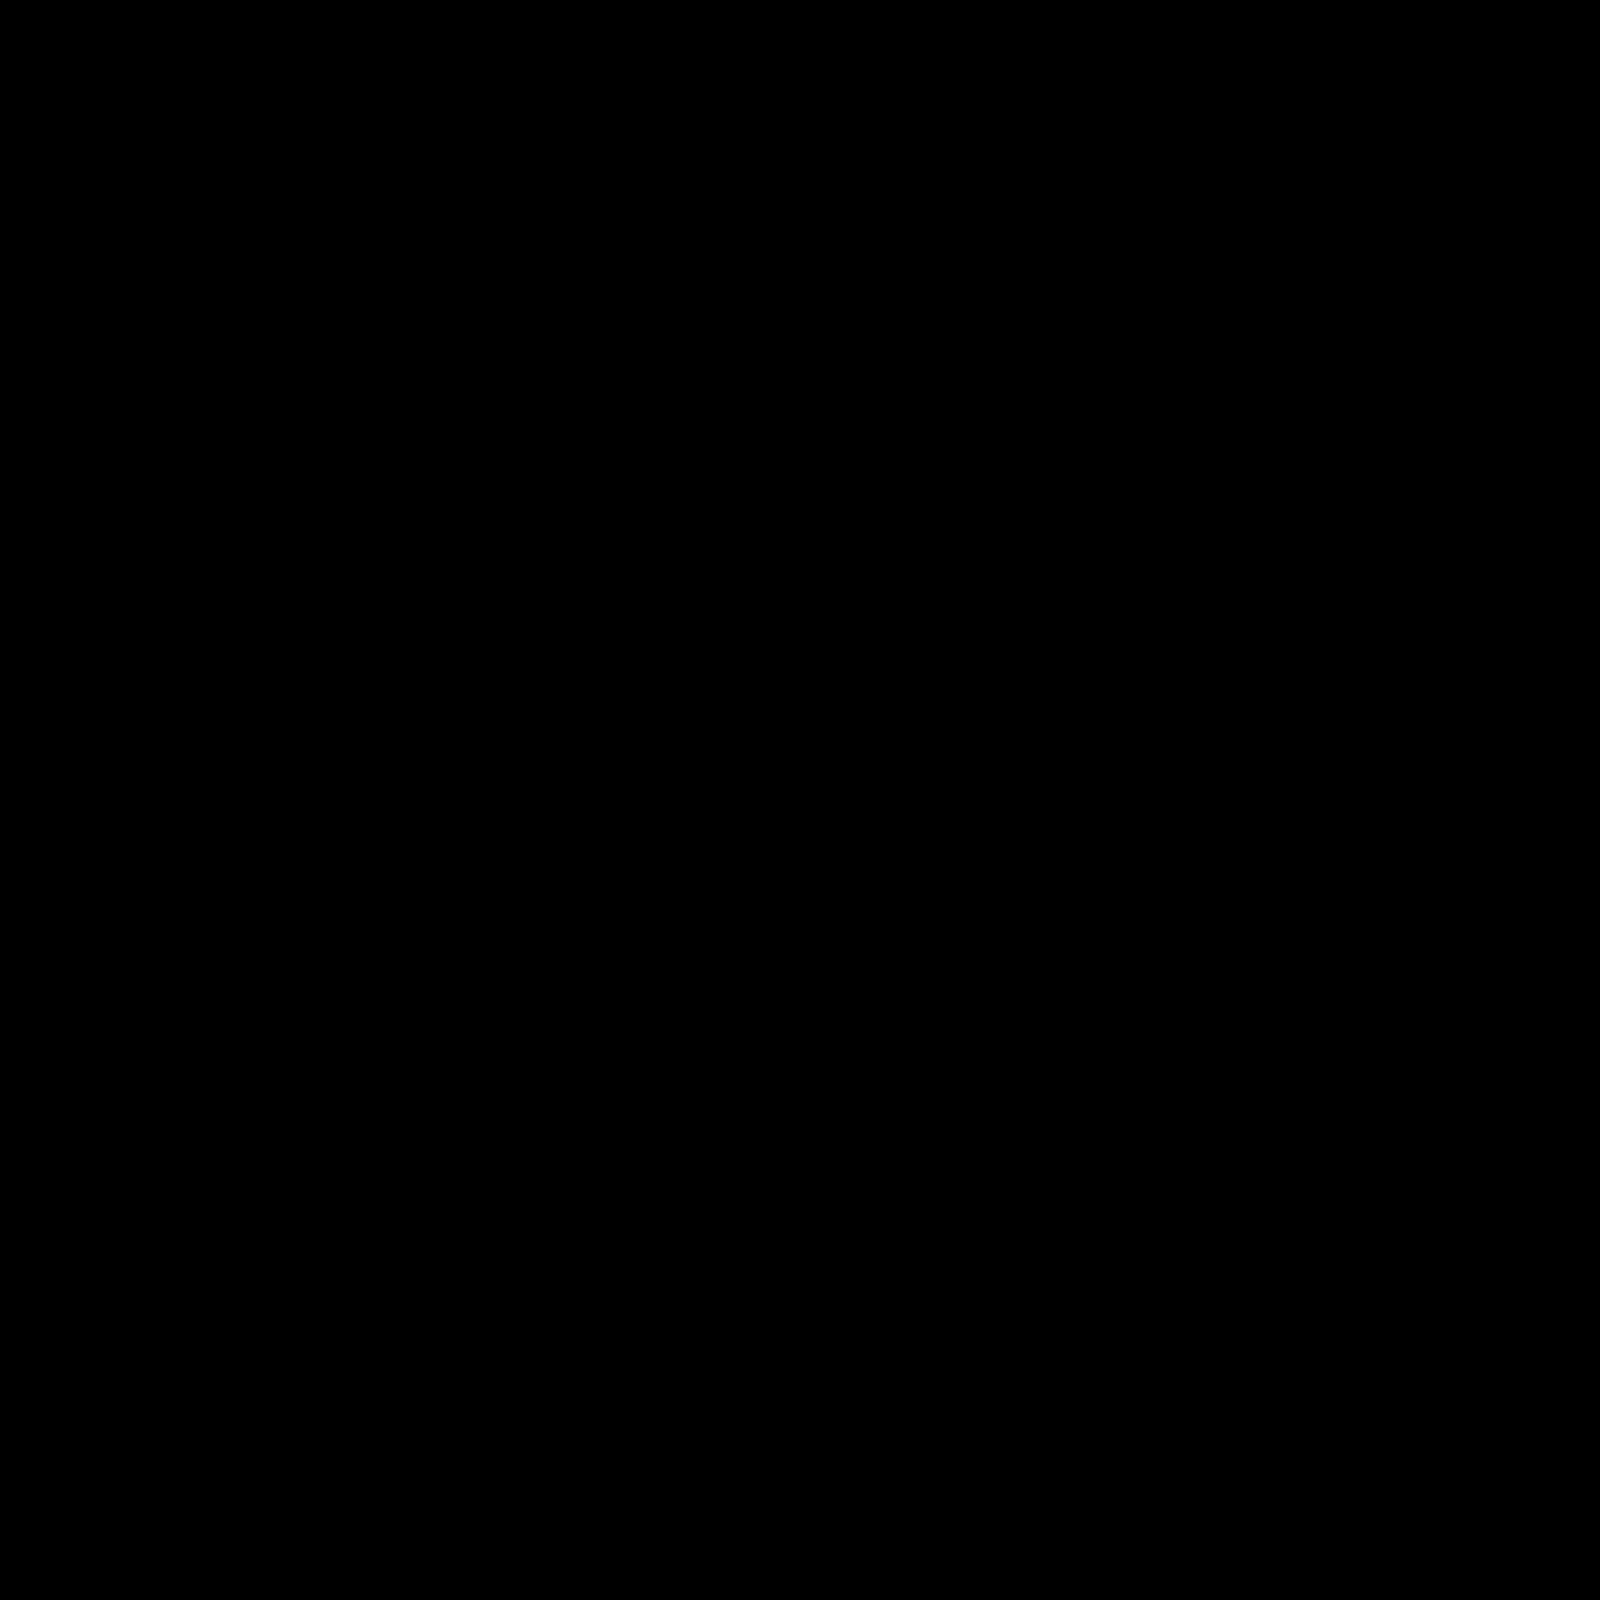 wąsy Franka Zappy icon